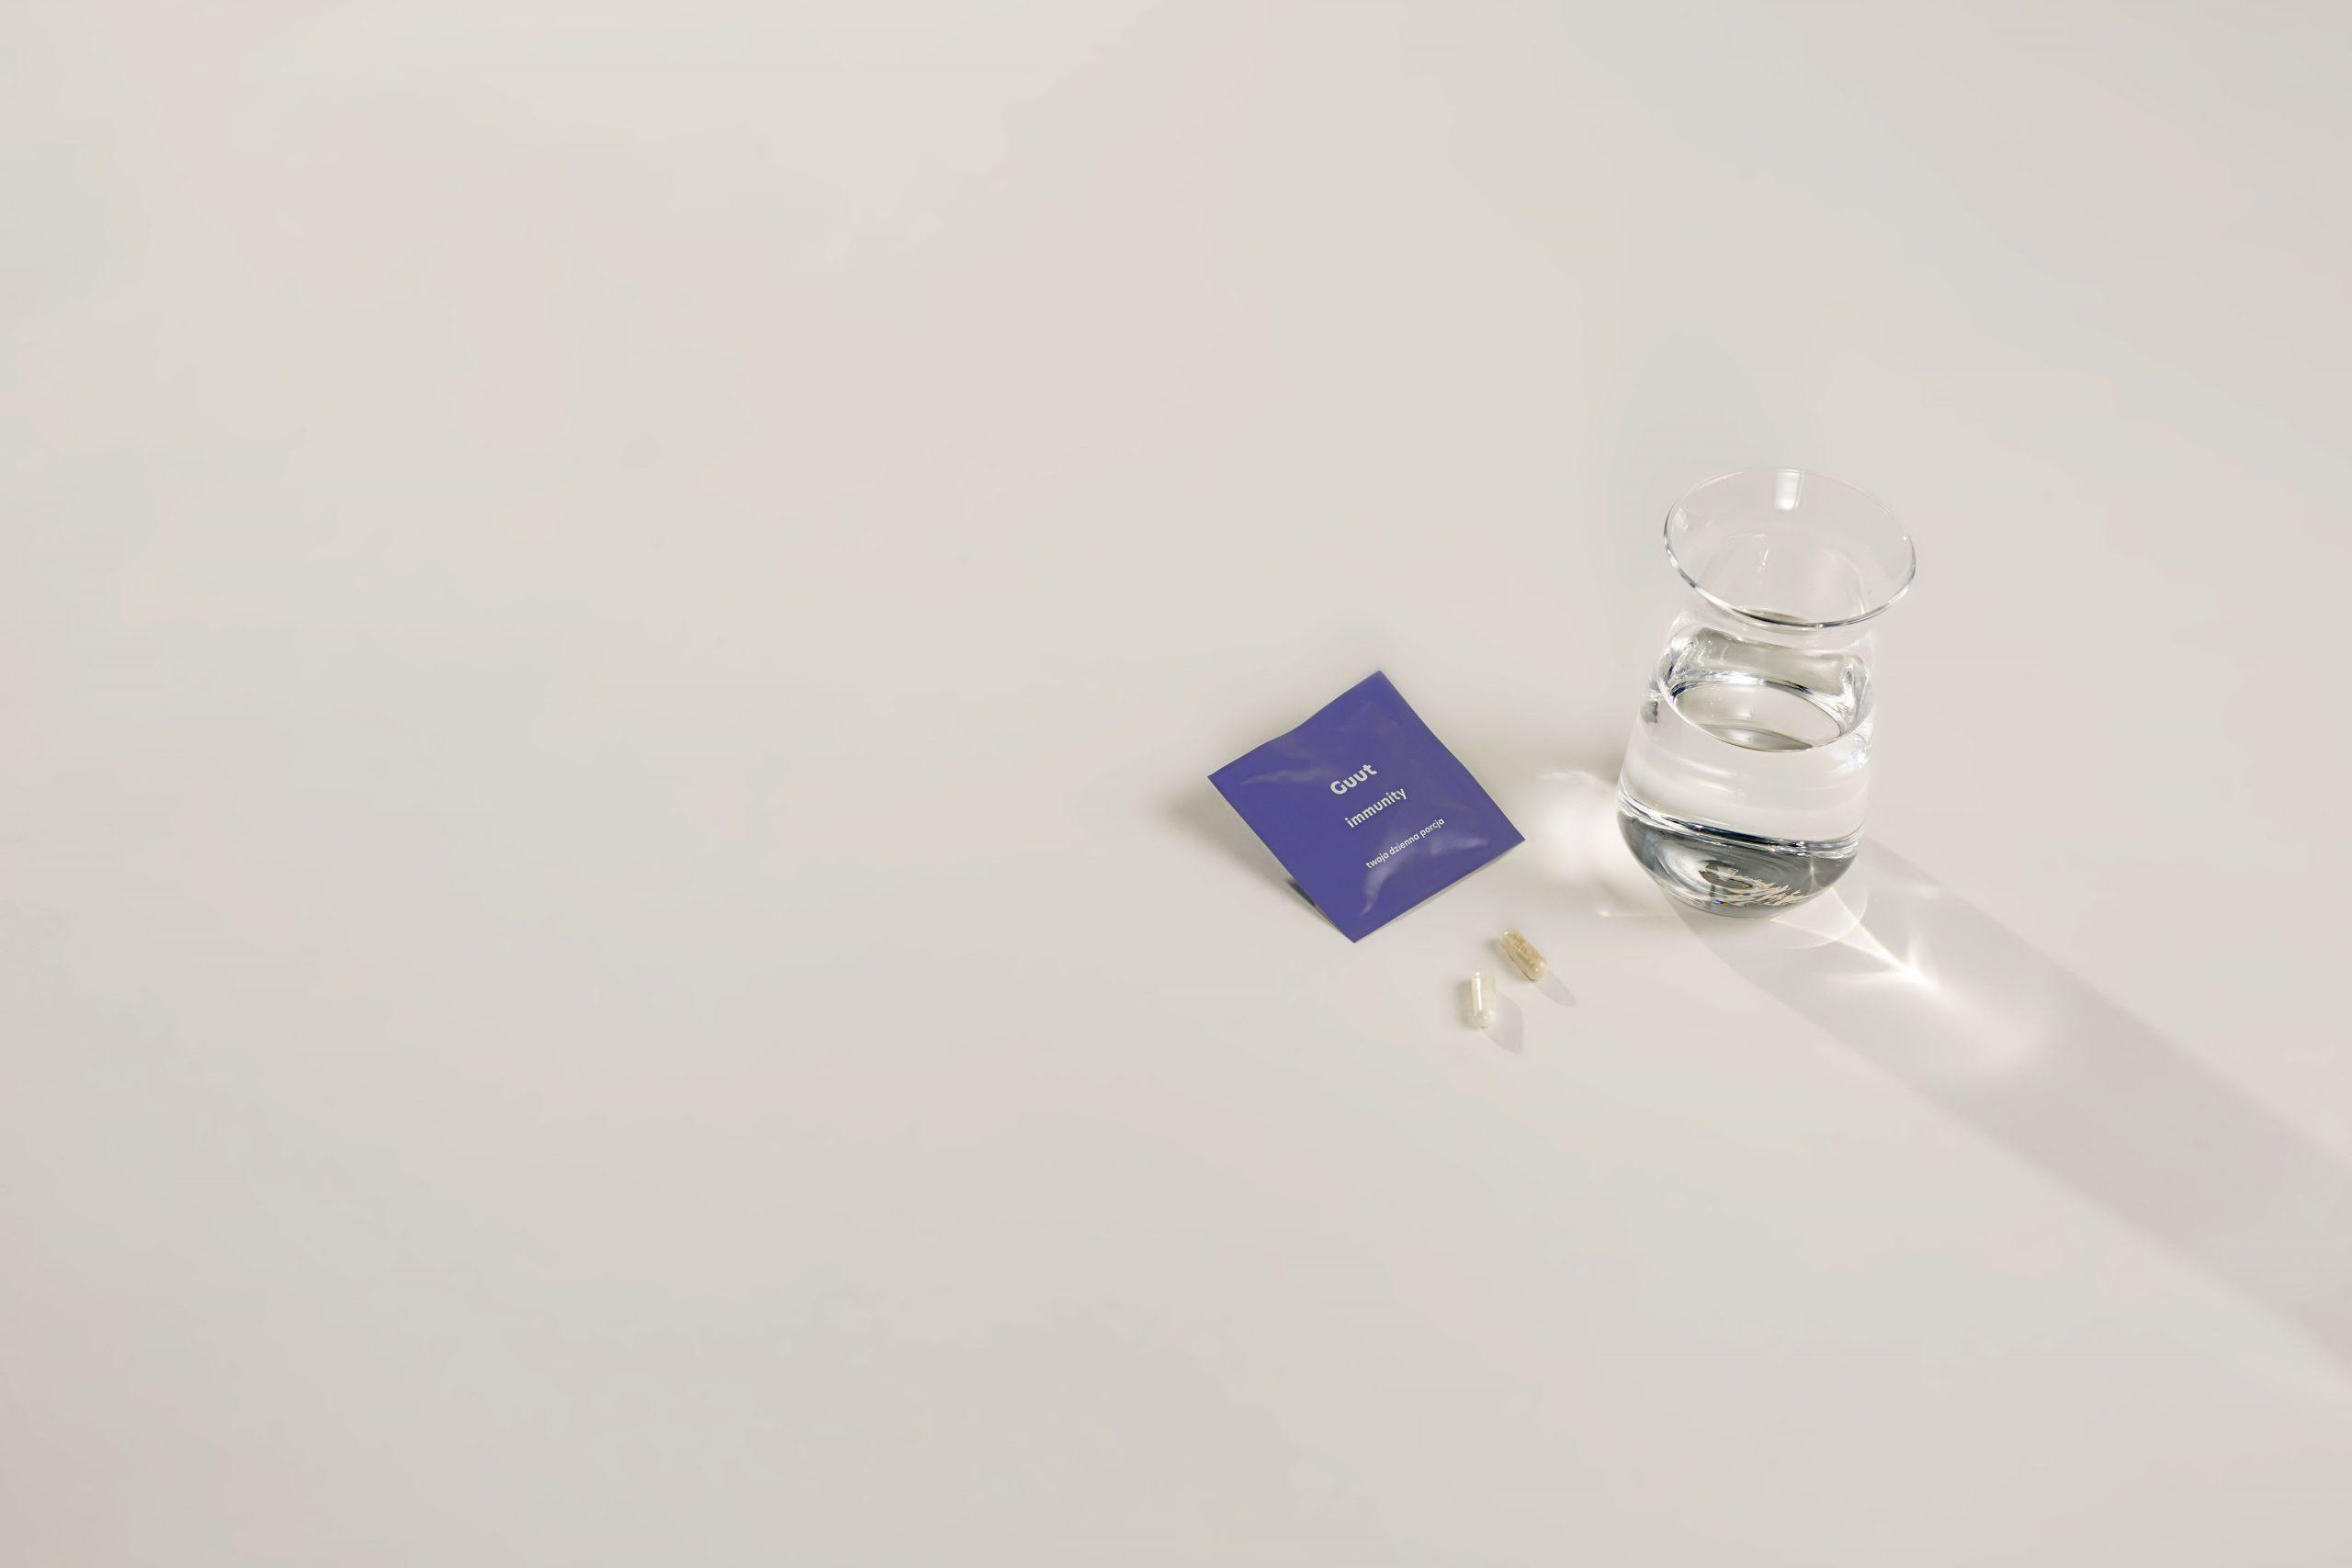 """tło sekcji """"funkcje"""" Guut Immunity -zdjęcie saszetki, szklanki wody i kapsułek"""